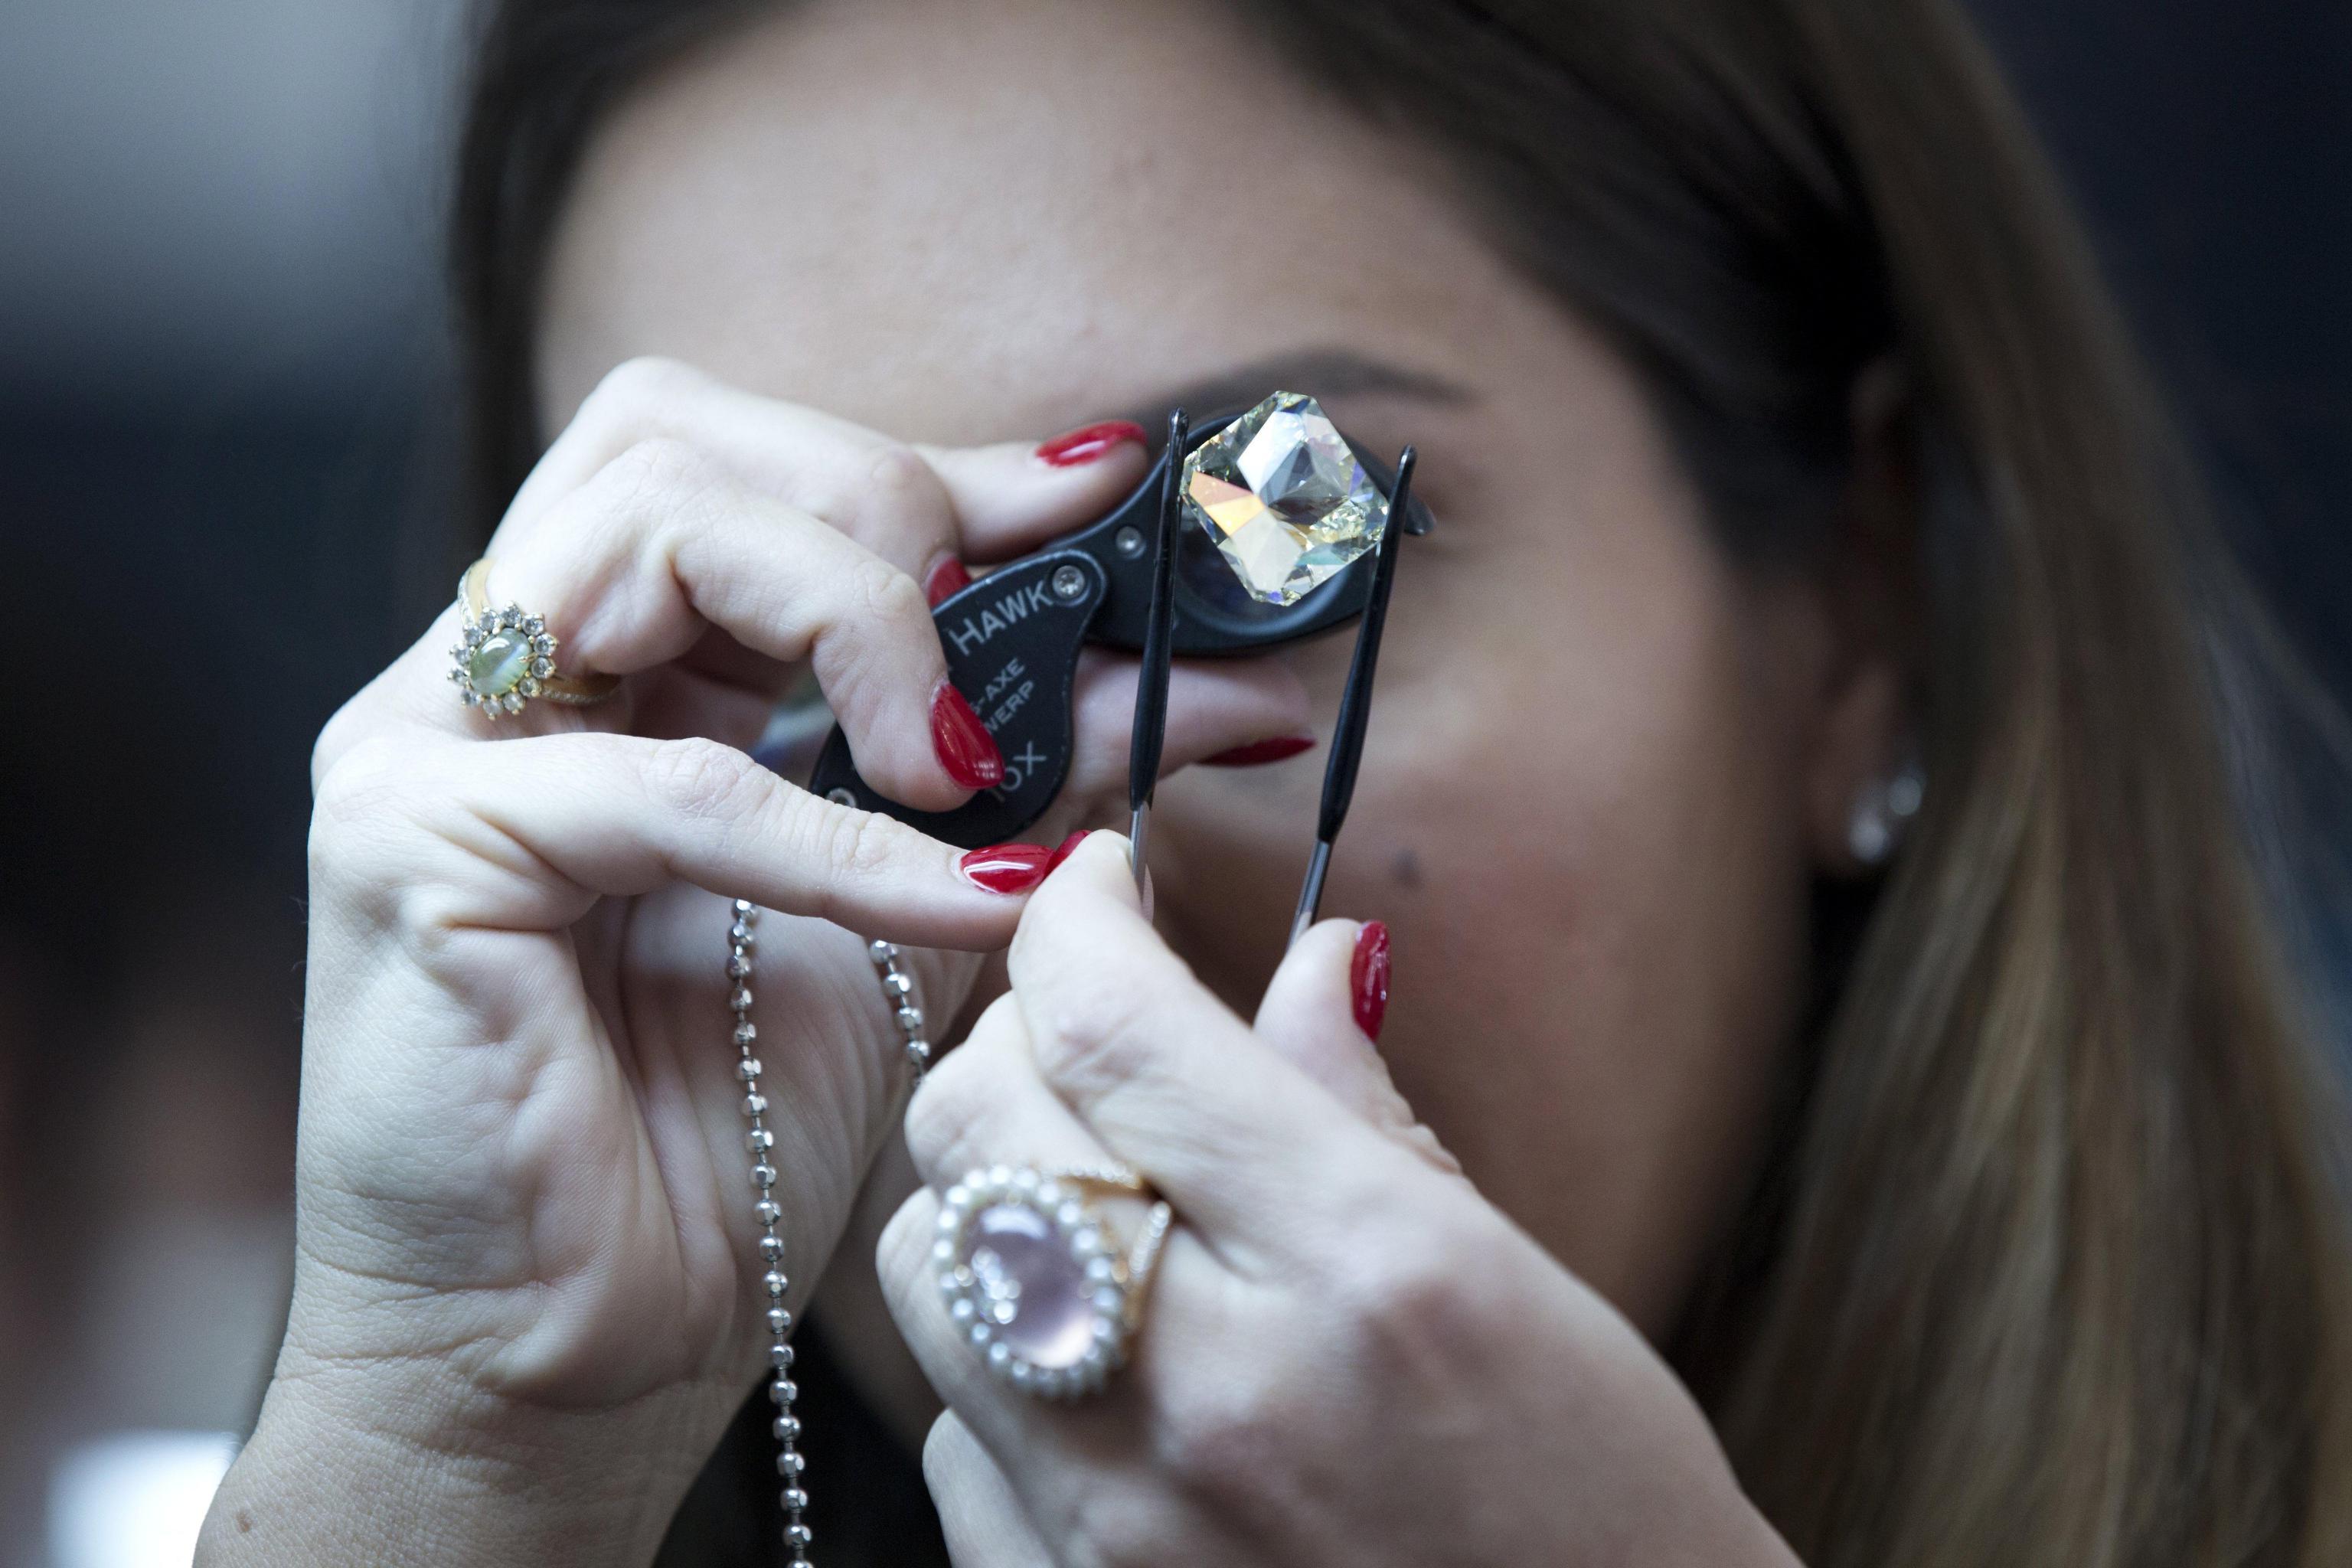 Compra un anello a 10 sterline in un mercatino e scopre che è un vero diamante